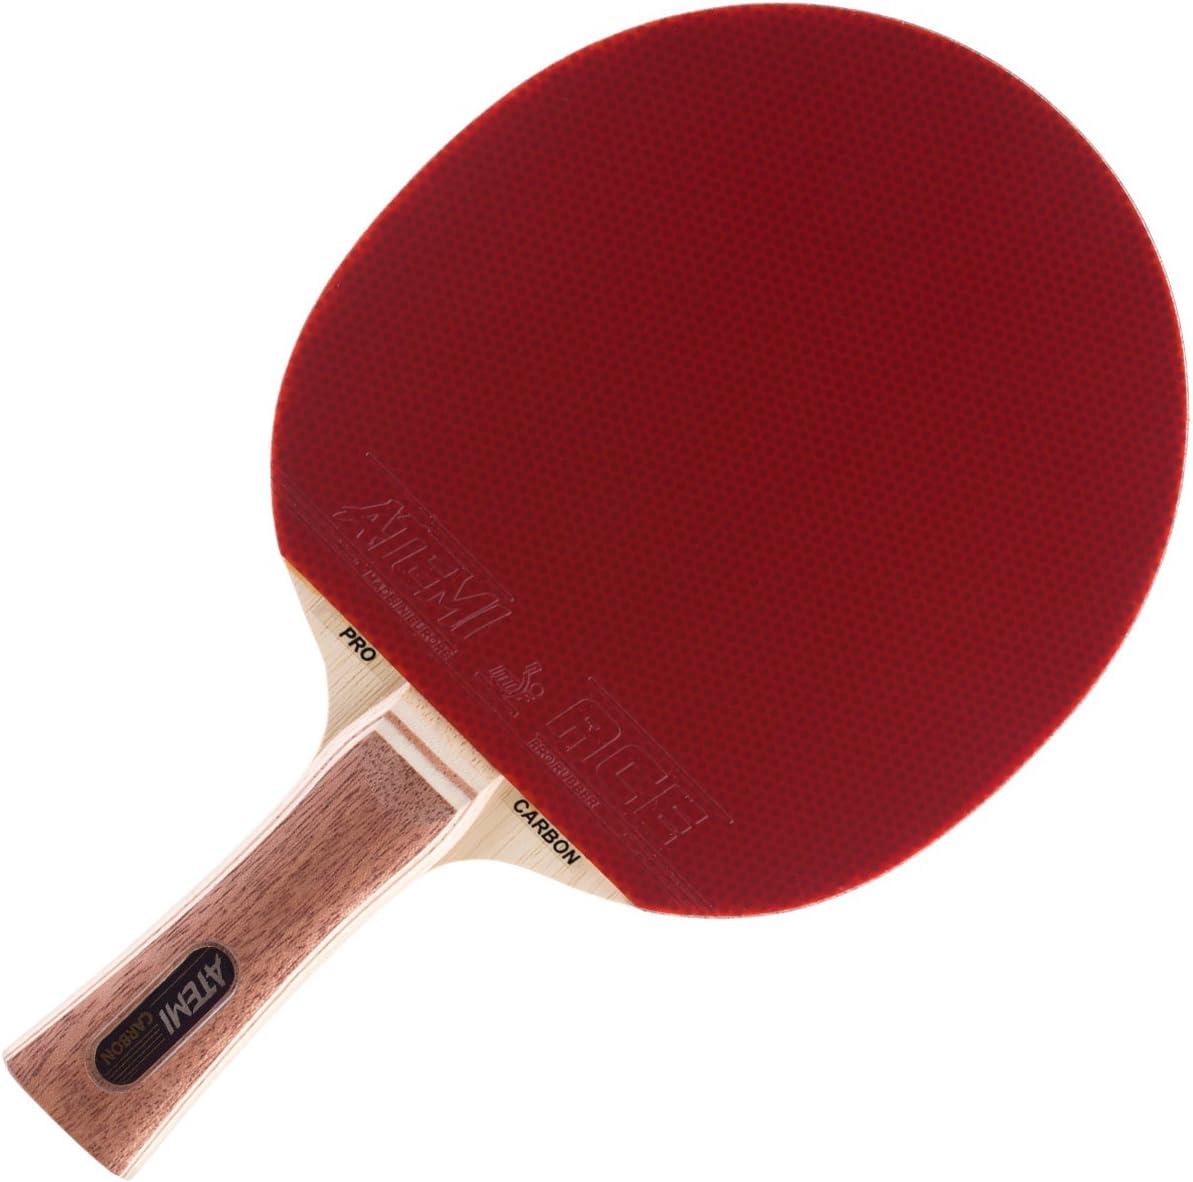 Naturel Atemi Raquette De Ping Pong Pro Carbon 3000 Raquette Approuvée par L'ITTF Fabriquée A Base De Bois Naturel Exotique Non Teint Raquette De Tennis De Table pour Joueurs De Tous Niveaux